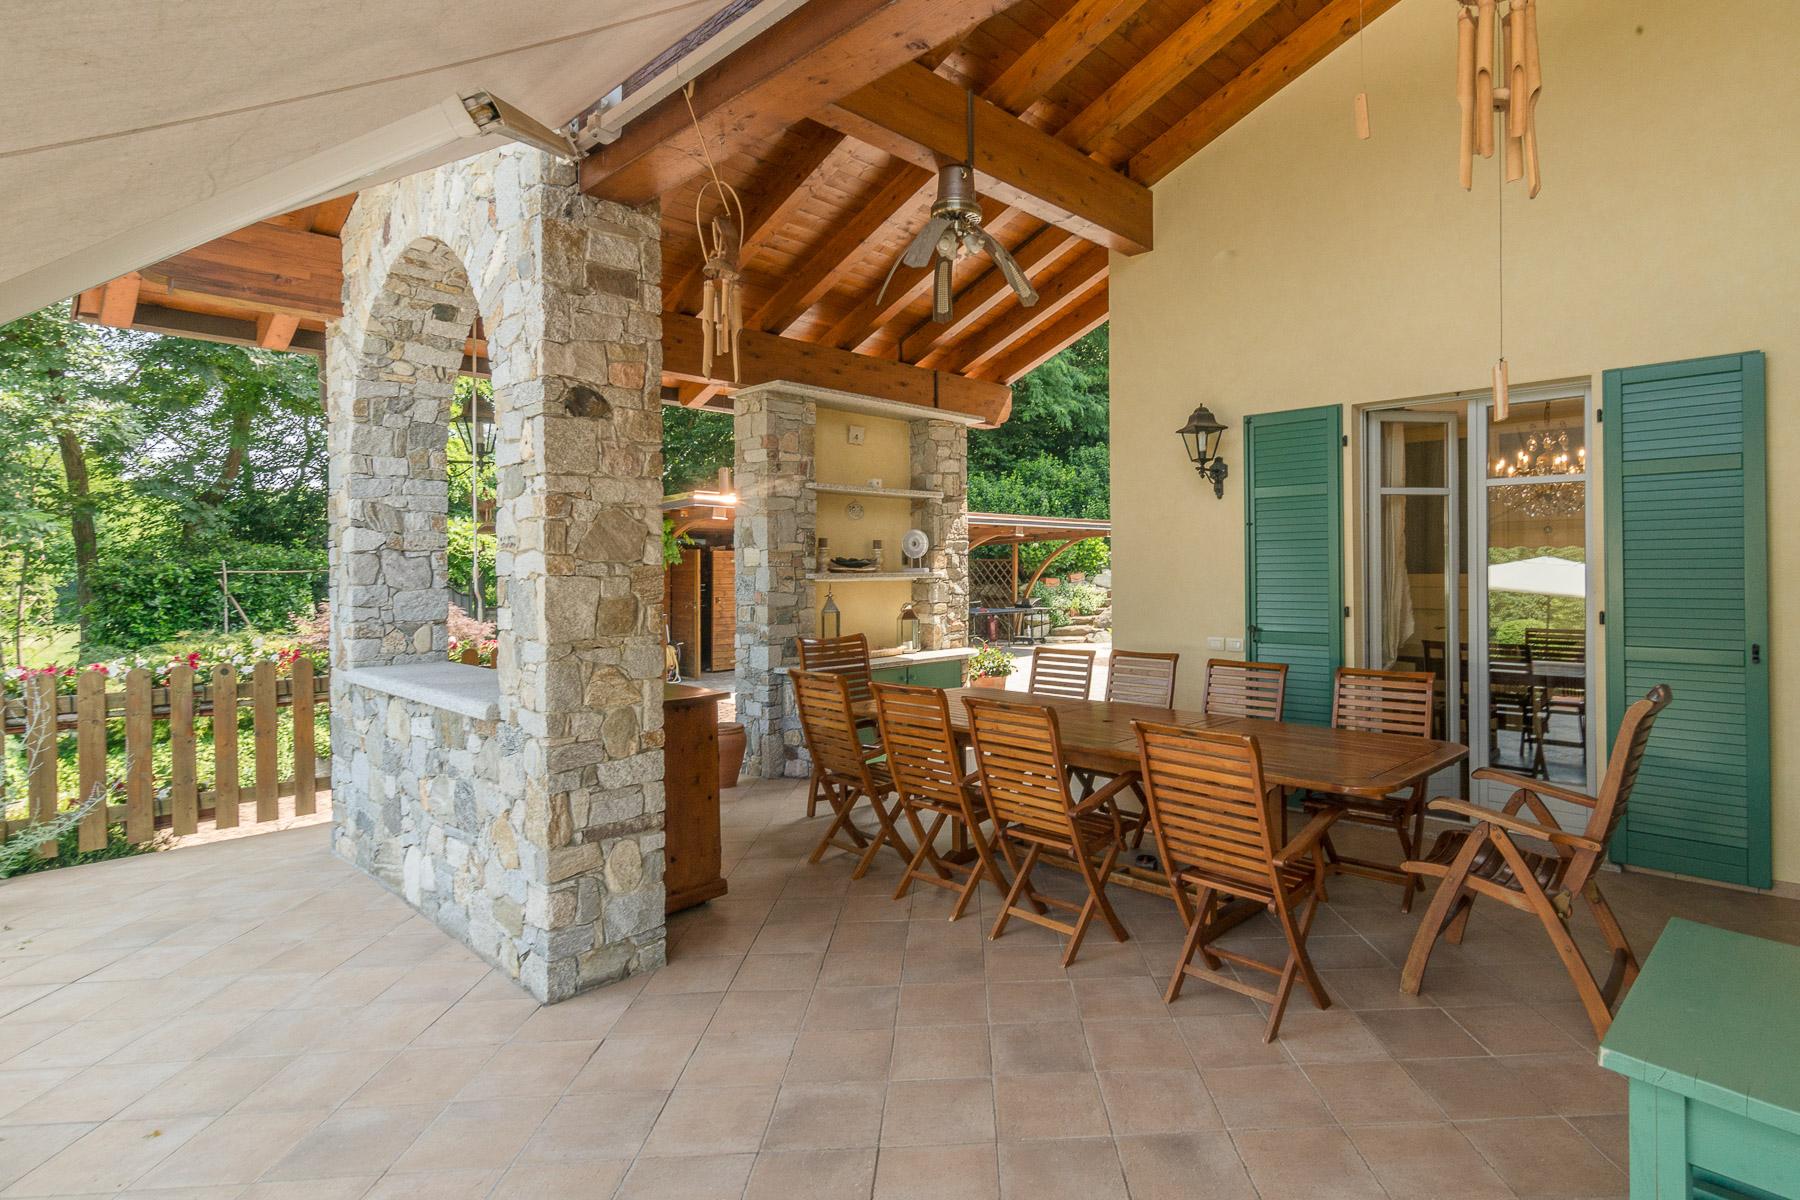 Villa in Vendita a Besozzo: 5 locali, 426 mq - Foto 14